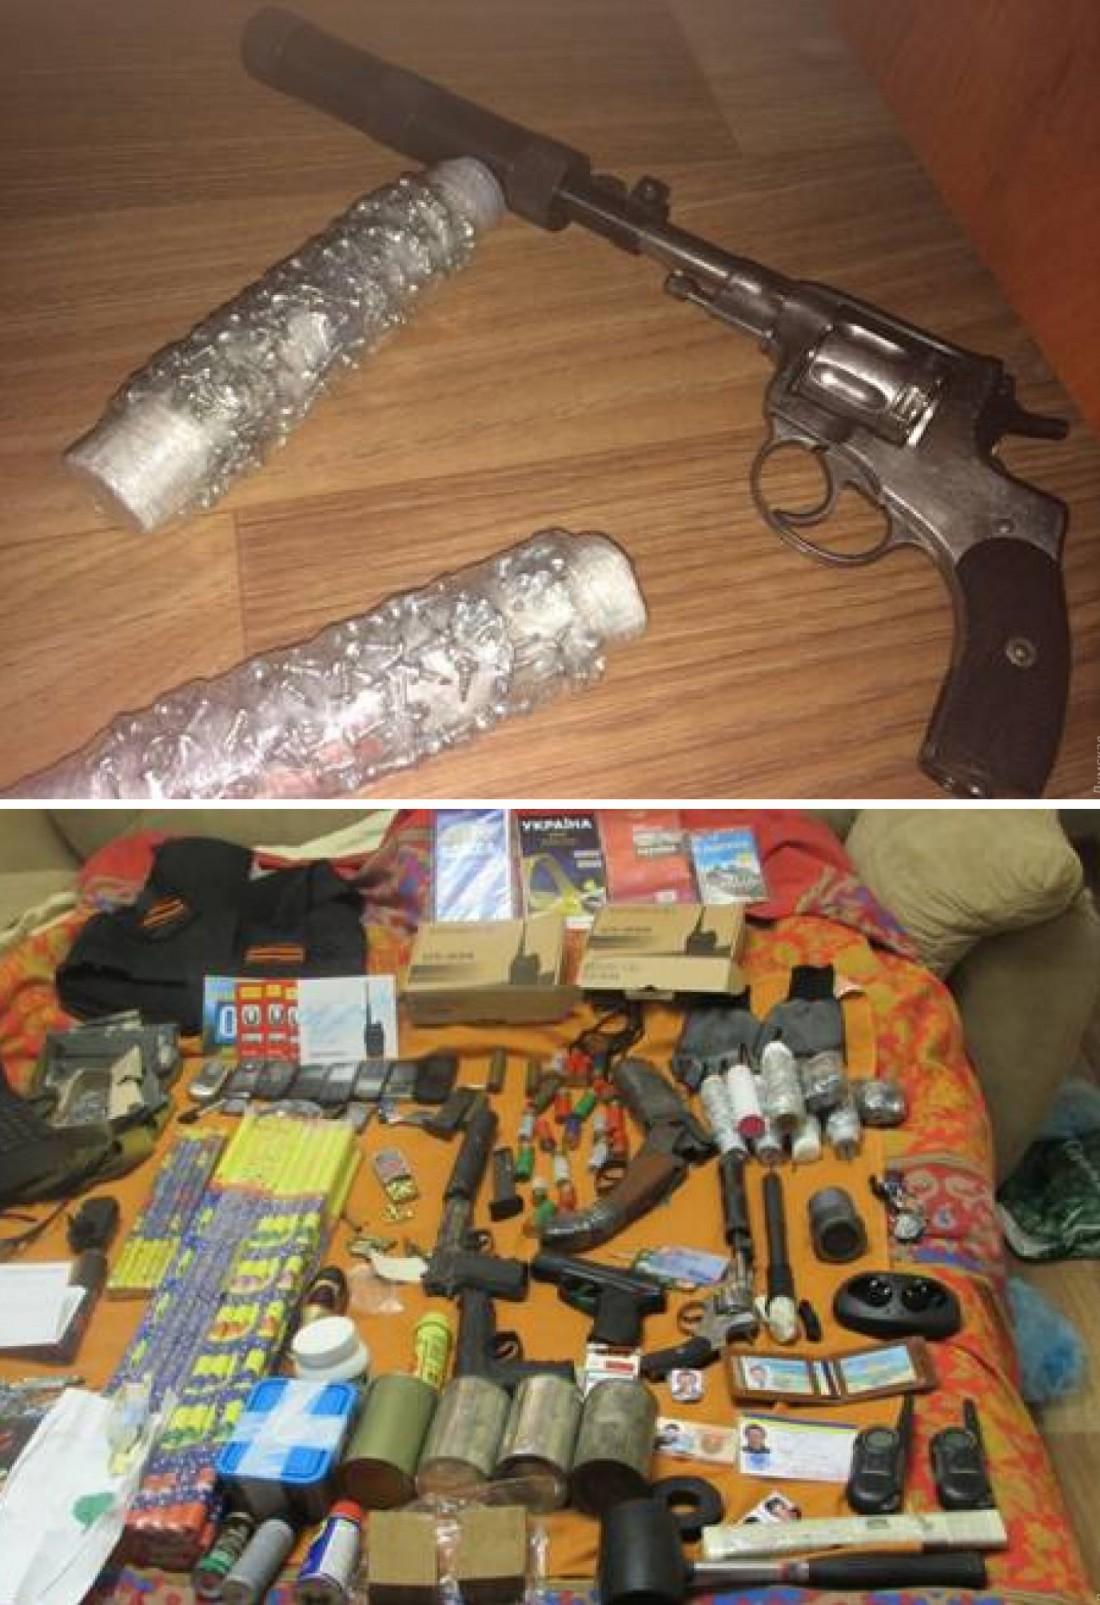 При задержании Кондратенко открыл огонь по бойцам СБУ